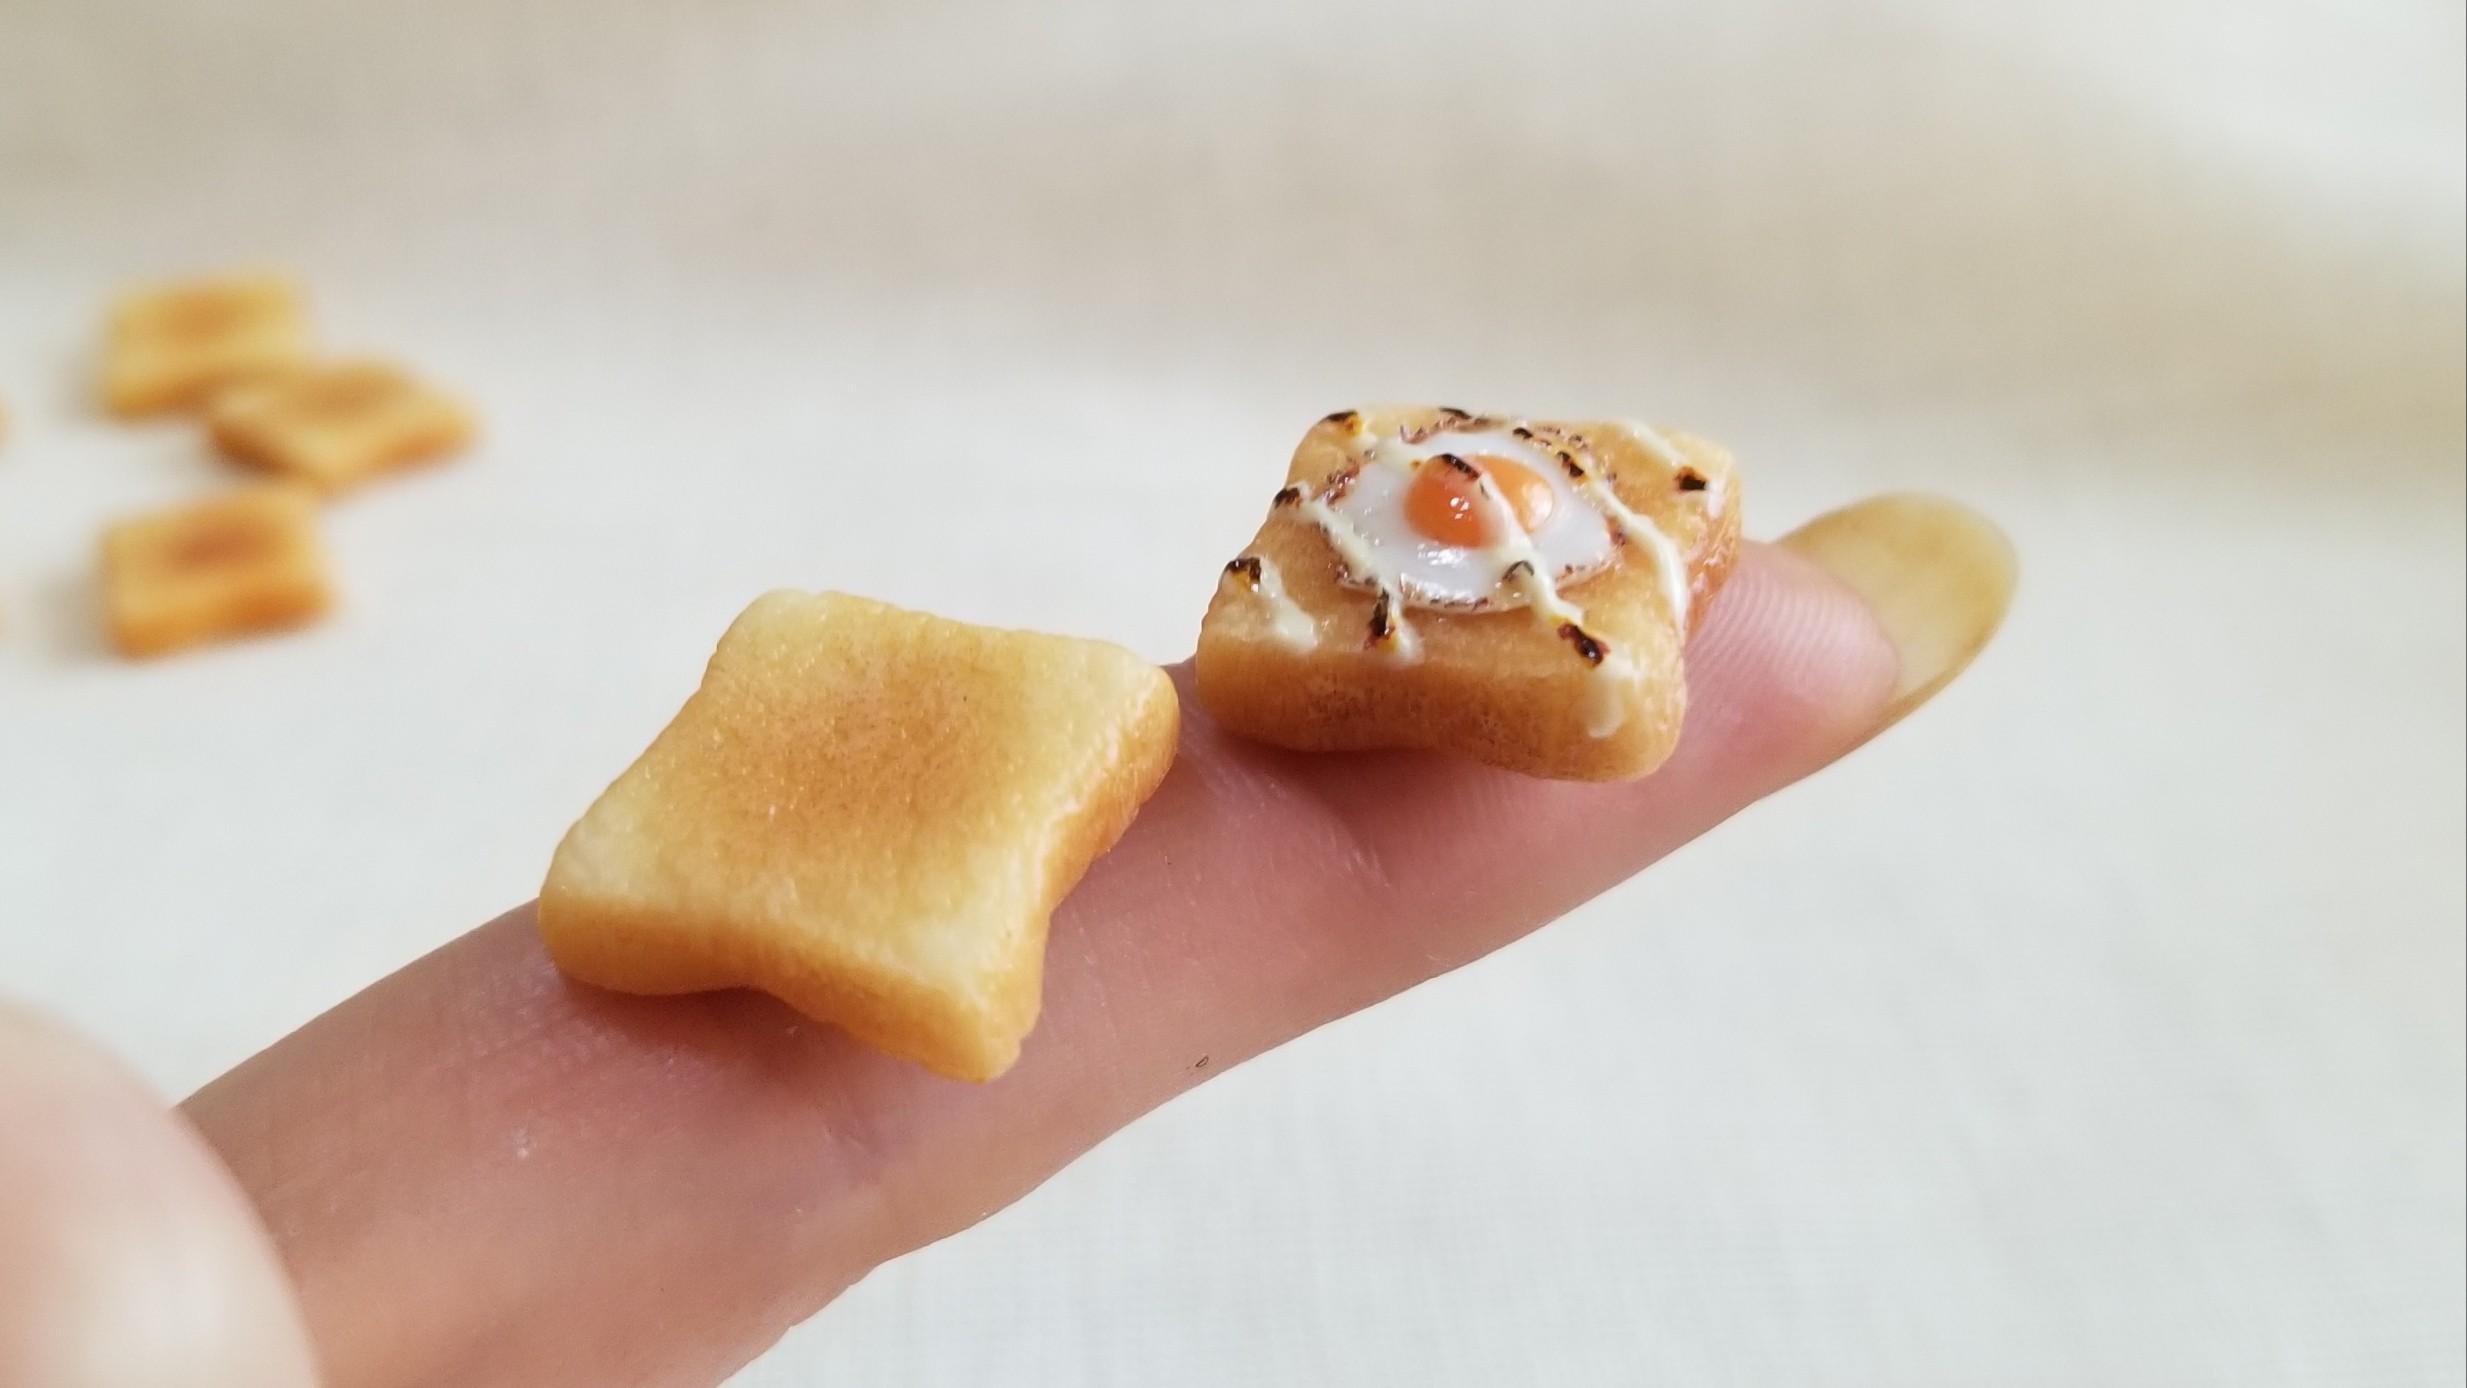 ミニチュアフード,かわいいドール小物,おもちゃ,ミンネ販売,手作り